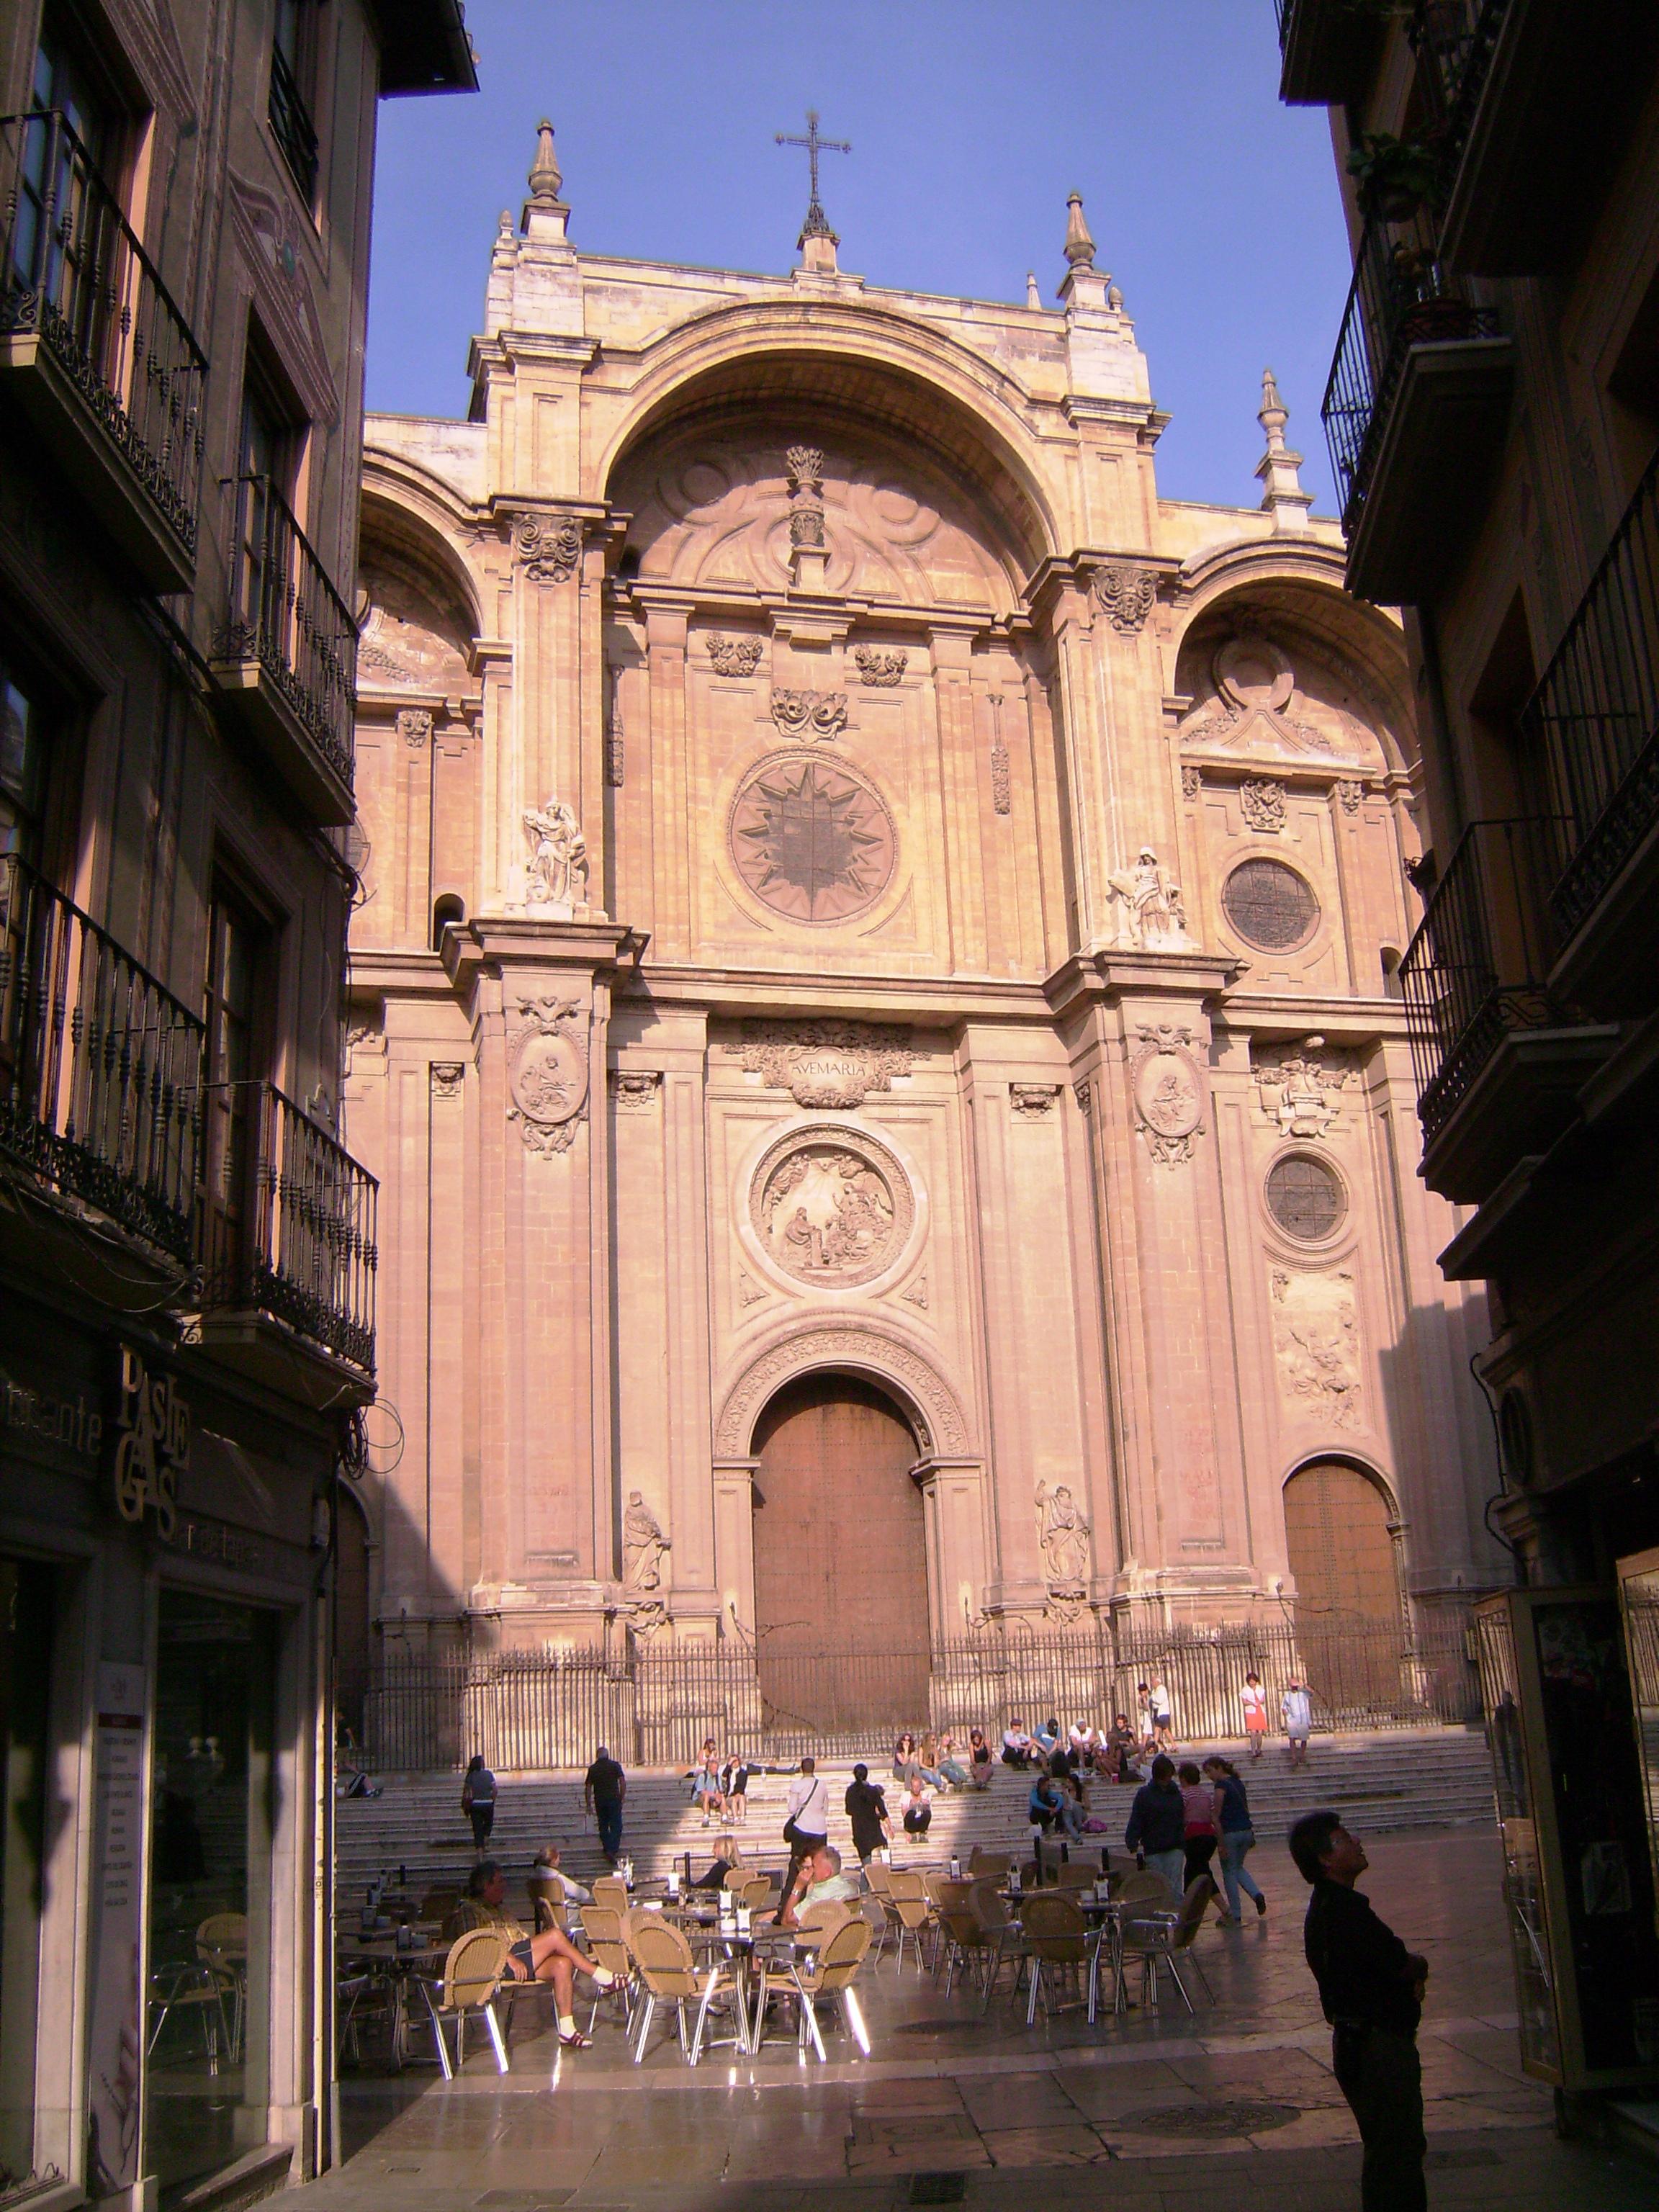 A gótikusból reneszánszba való átmeneti időszakban épült, hordozva annak korábbi vonásait. Az északi részt később toldották hozzá.